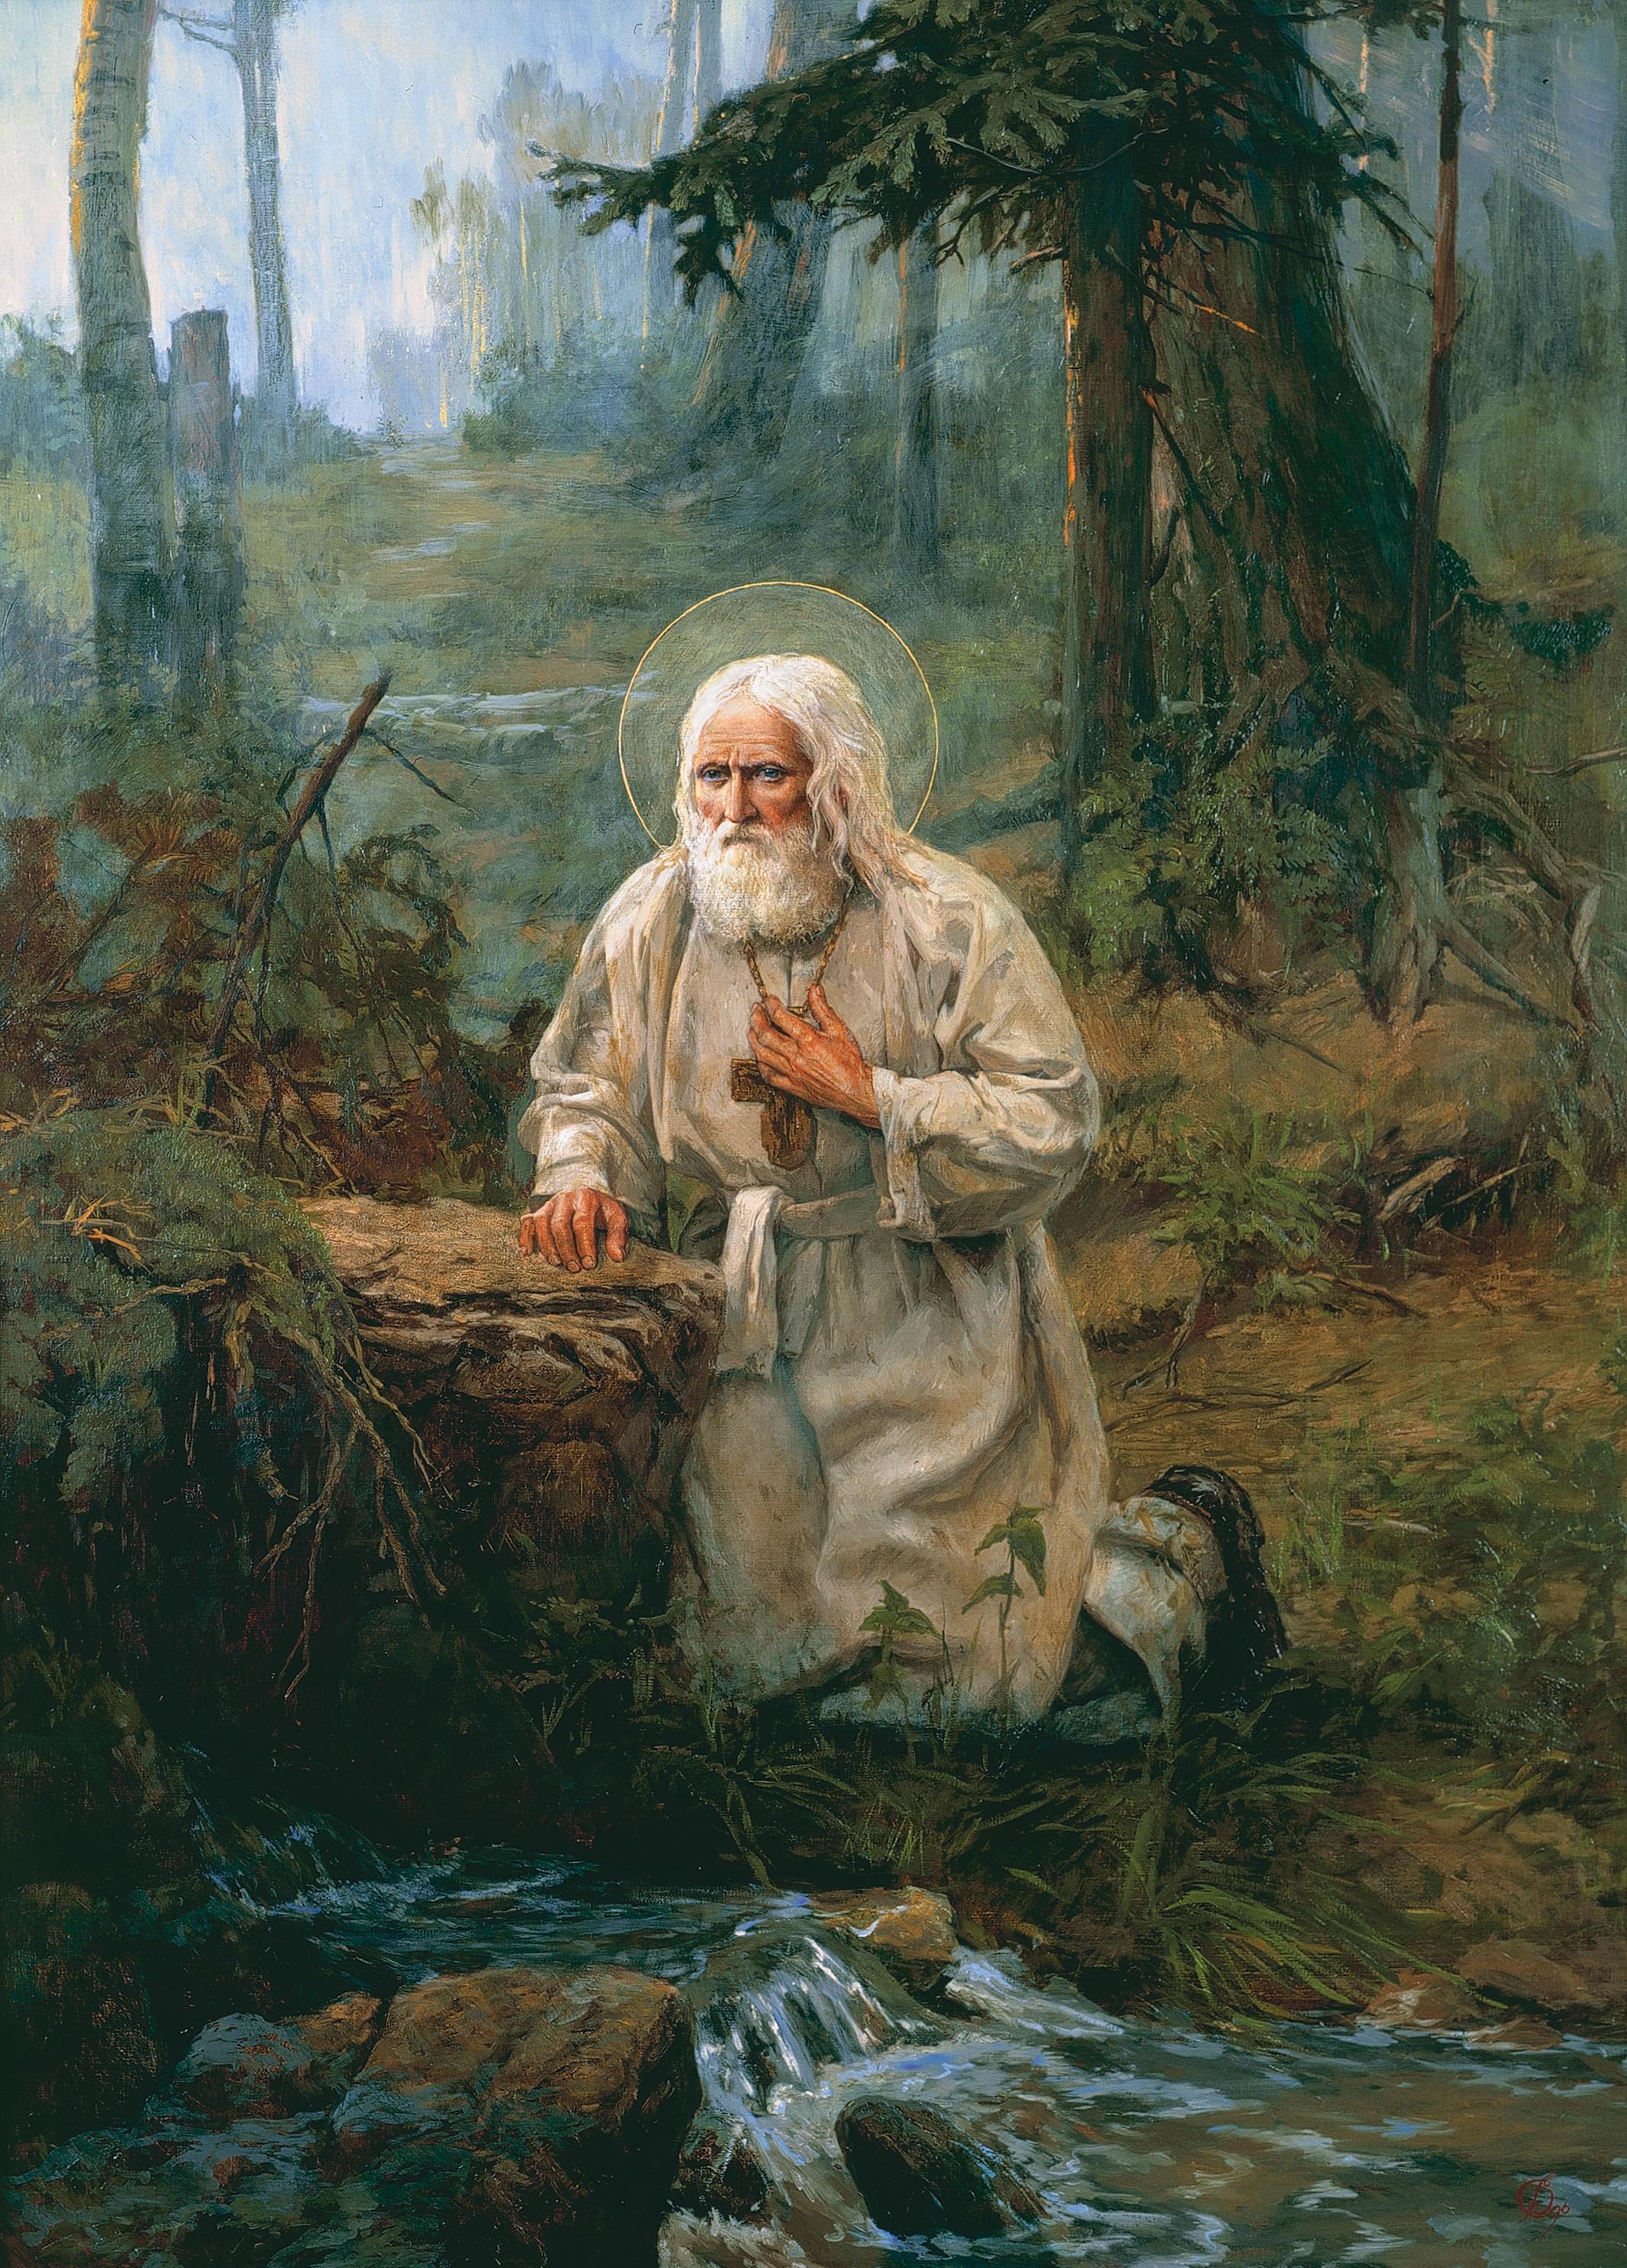 ... Саровский: иконы, житие, молитва: www.pravmir.ru/prepodobnyj-serafim-sarovskij-zhitie-ikony...